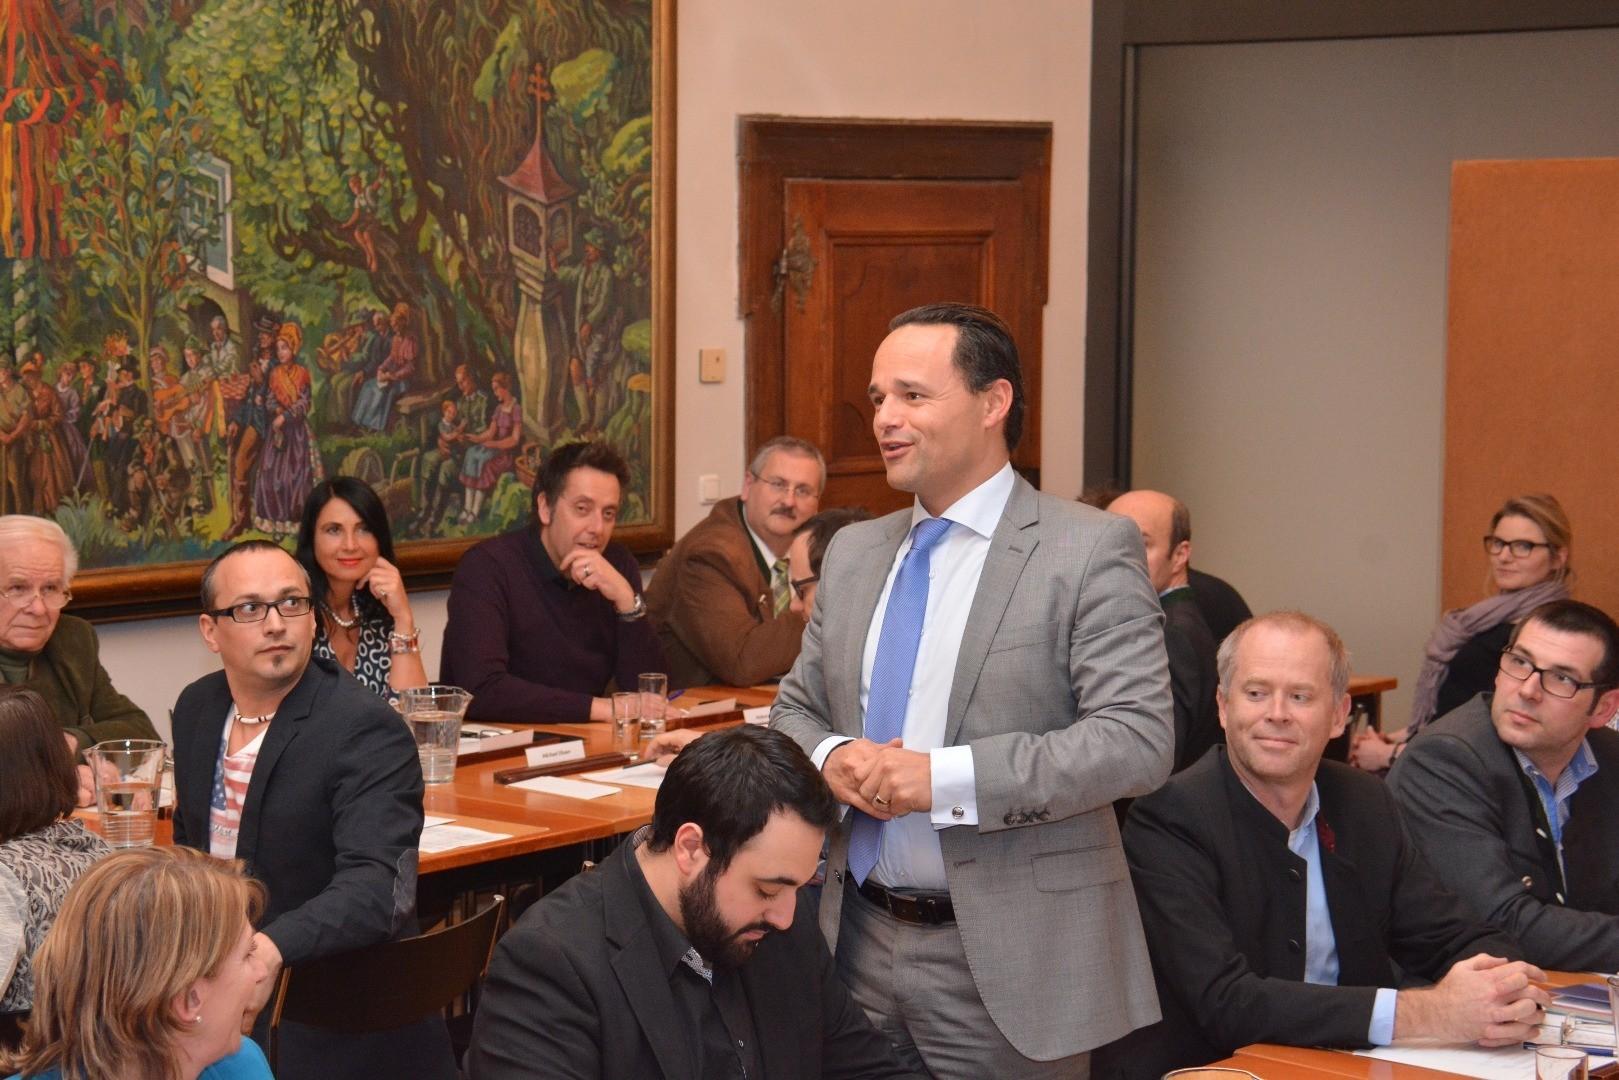 2015-02-23_Gemeinderatssitzung (1).JPG